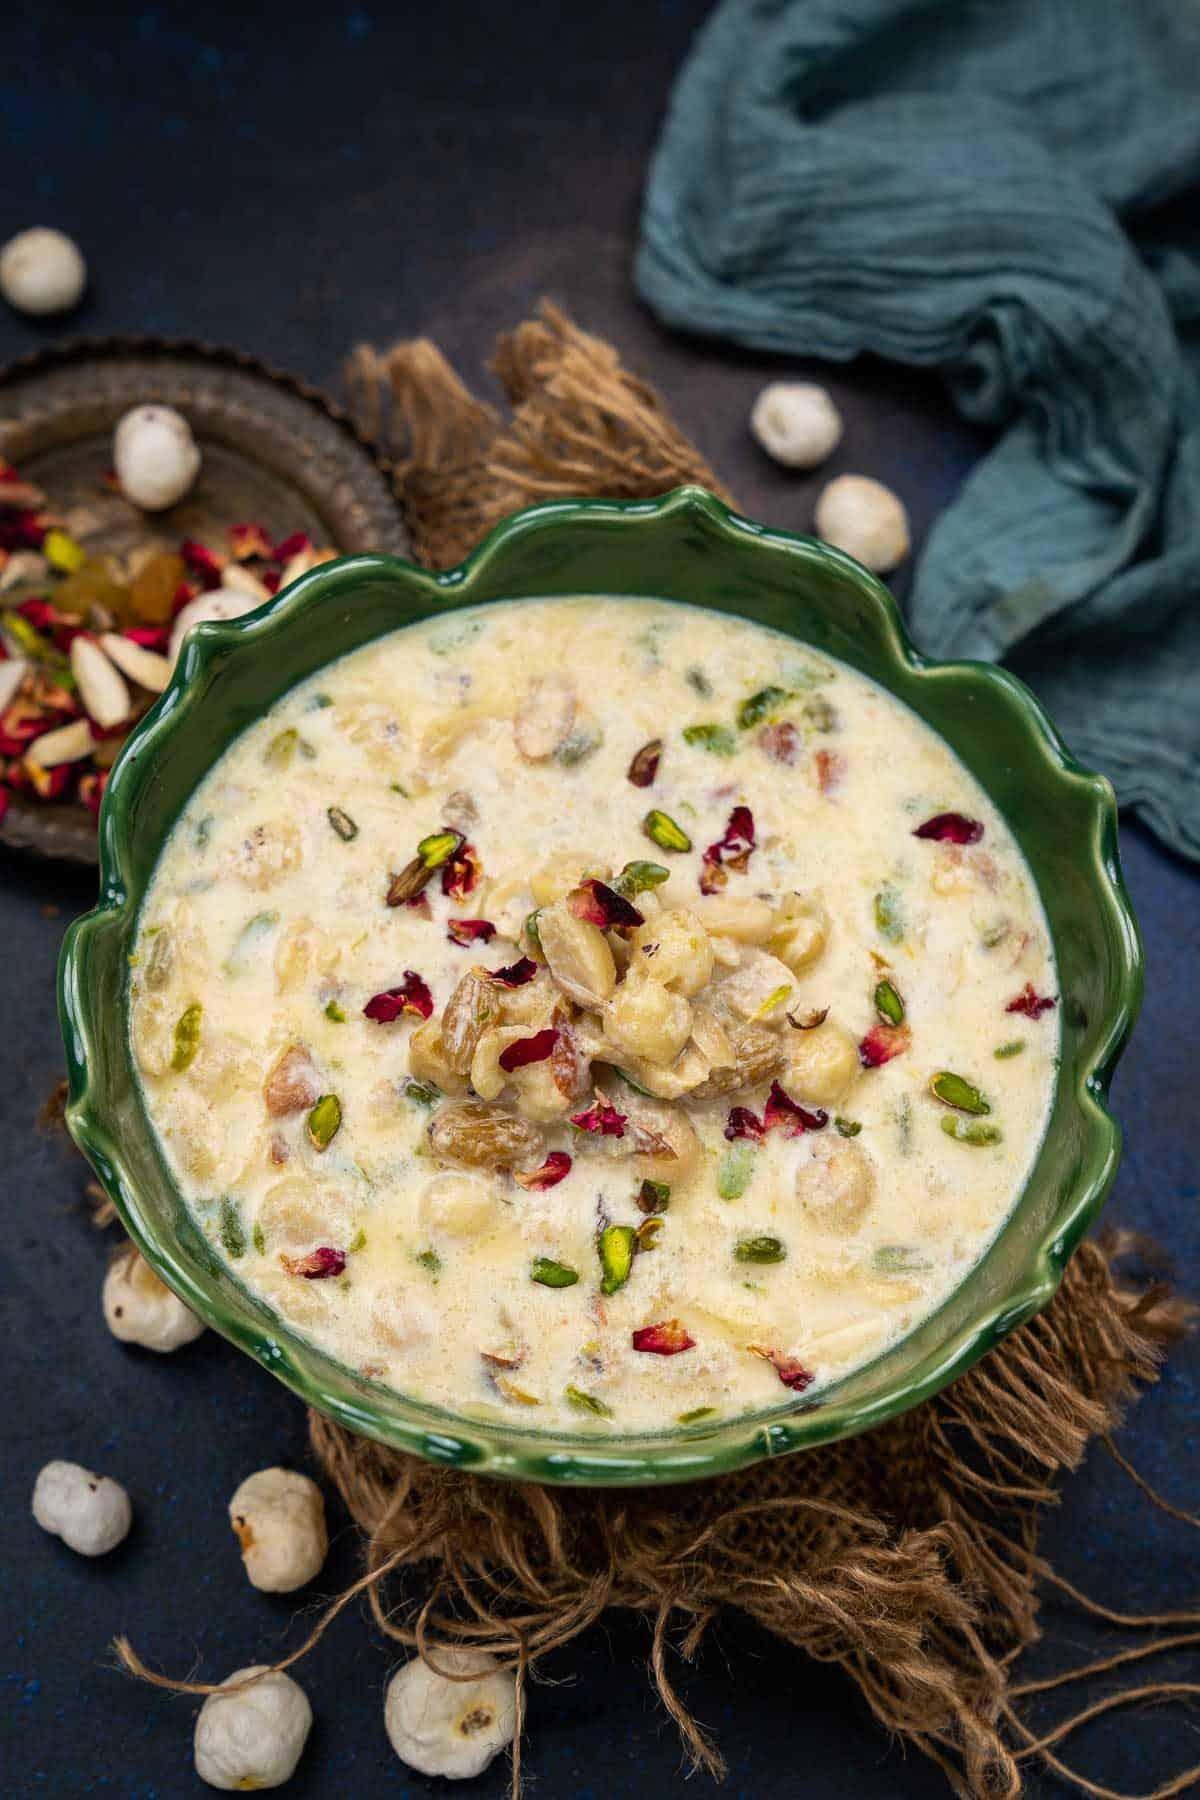 Makhana kheer served in a bowl.